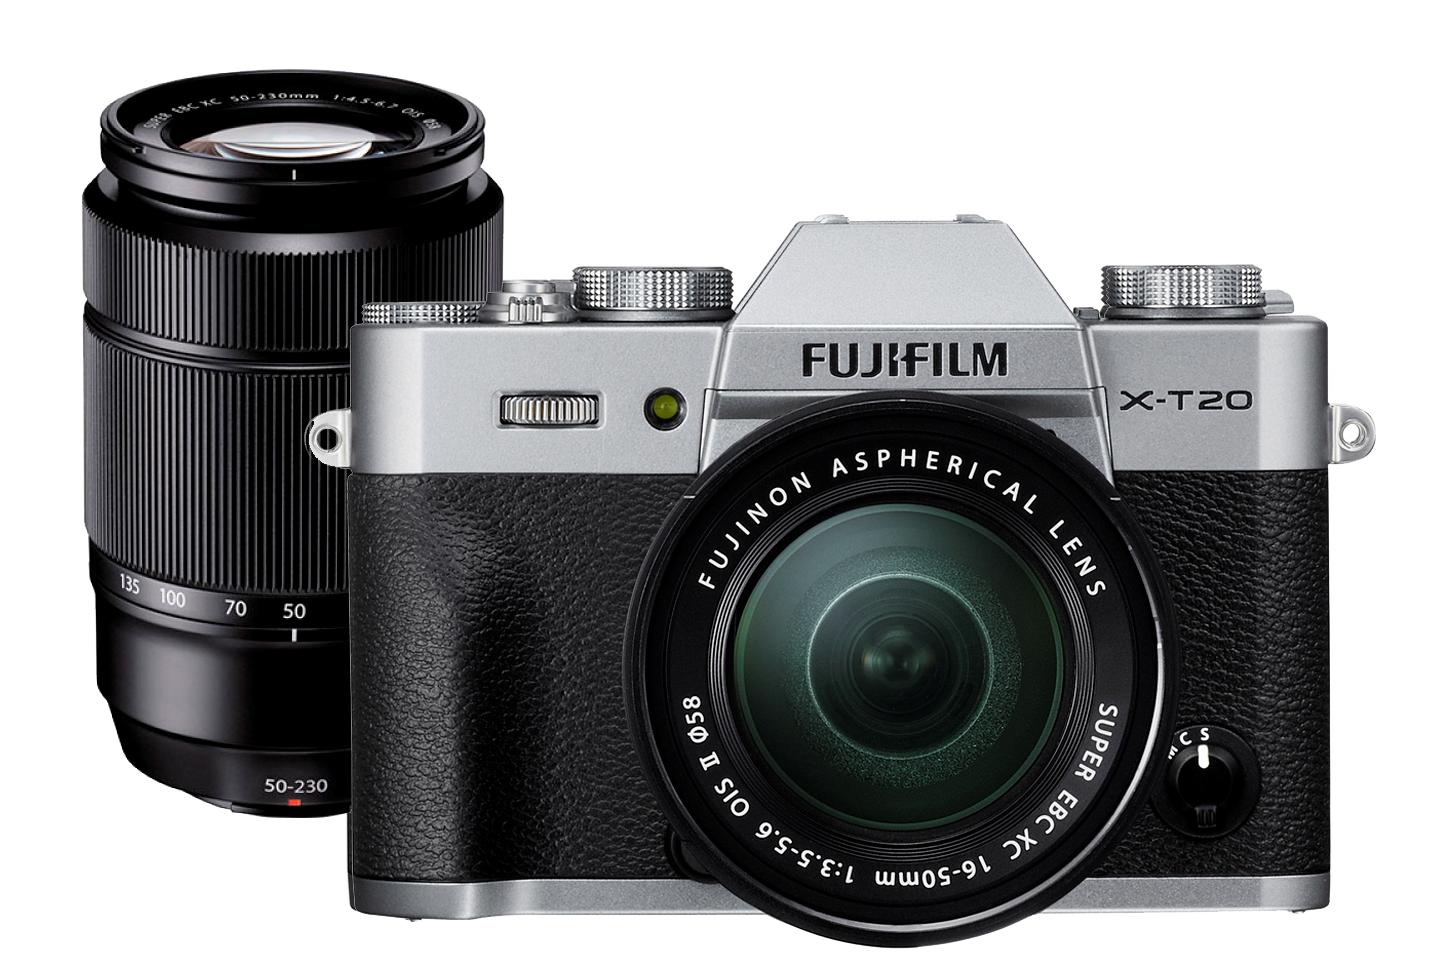 Fotocamera Mirrorless Fujifilm Finepix X-T20 Kit 16-50mm + 50-230mm Silver Garanzia Fujifilm Italia